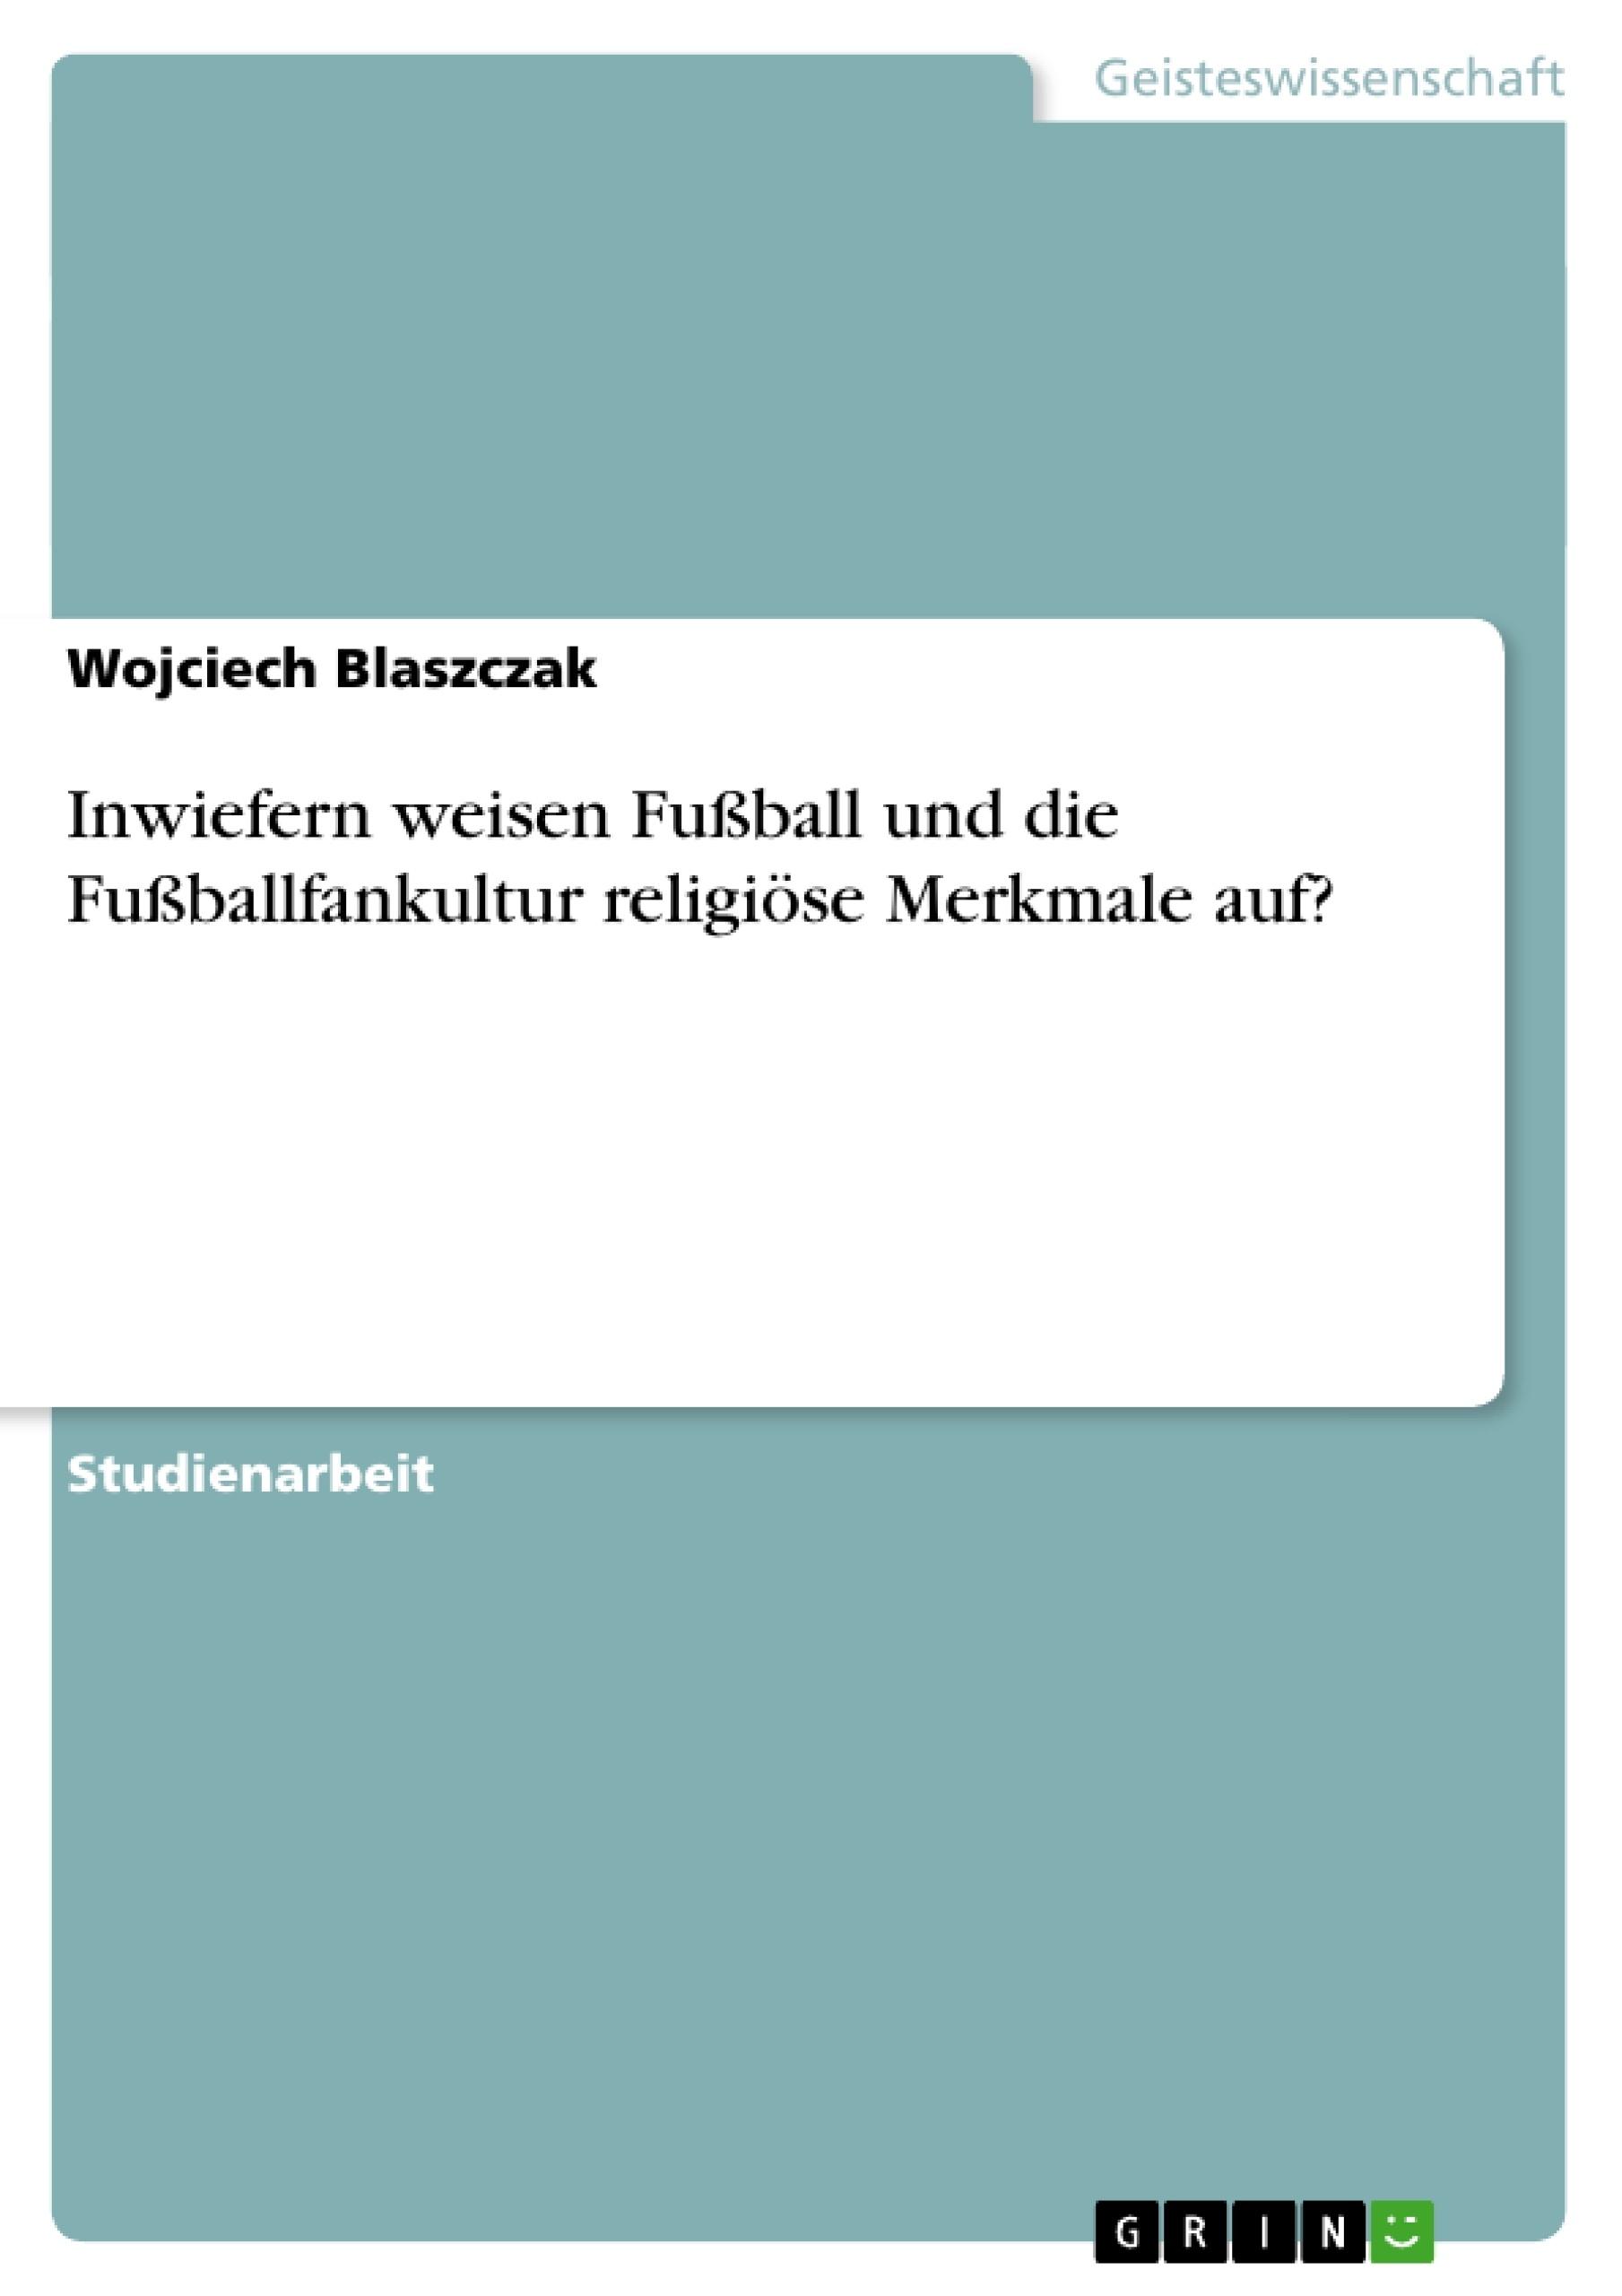 Titel: Inwiefern weisen Fußball und die Fußballfankultur religiöse Merkmale auf?